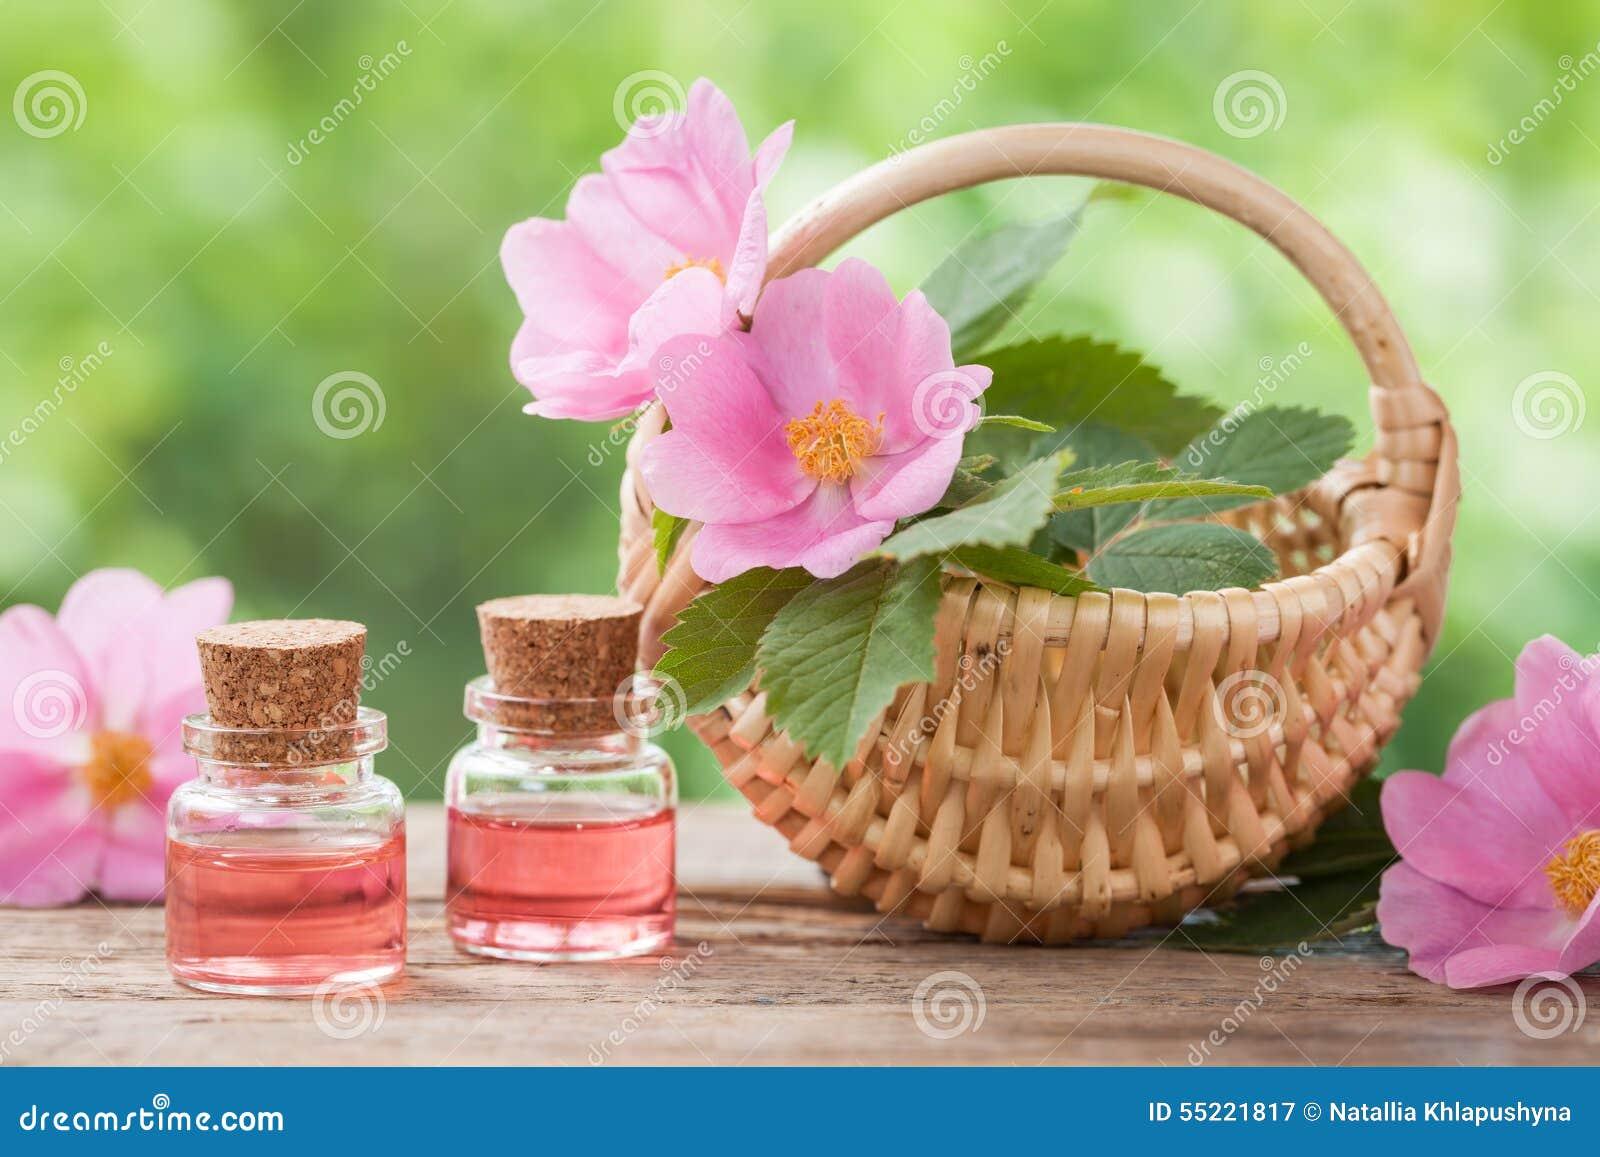 Rustikaler Weidenkorb mit Hagebutteblumen und Flaschen Öl